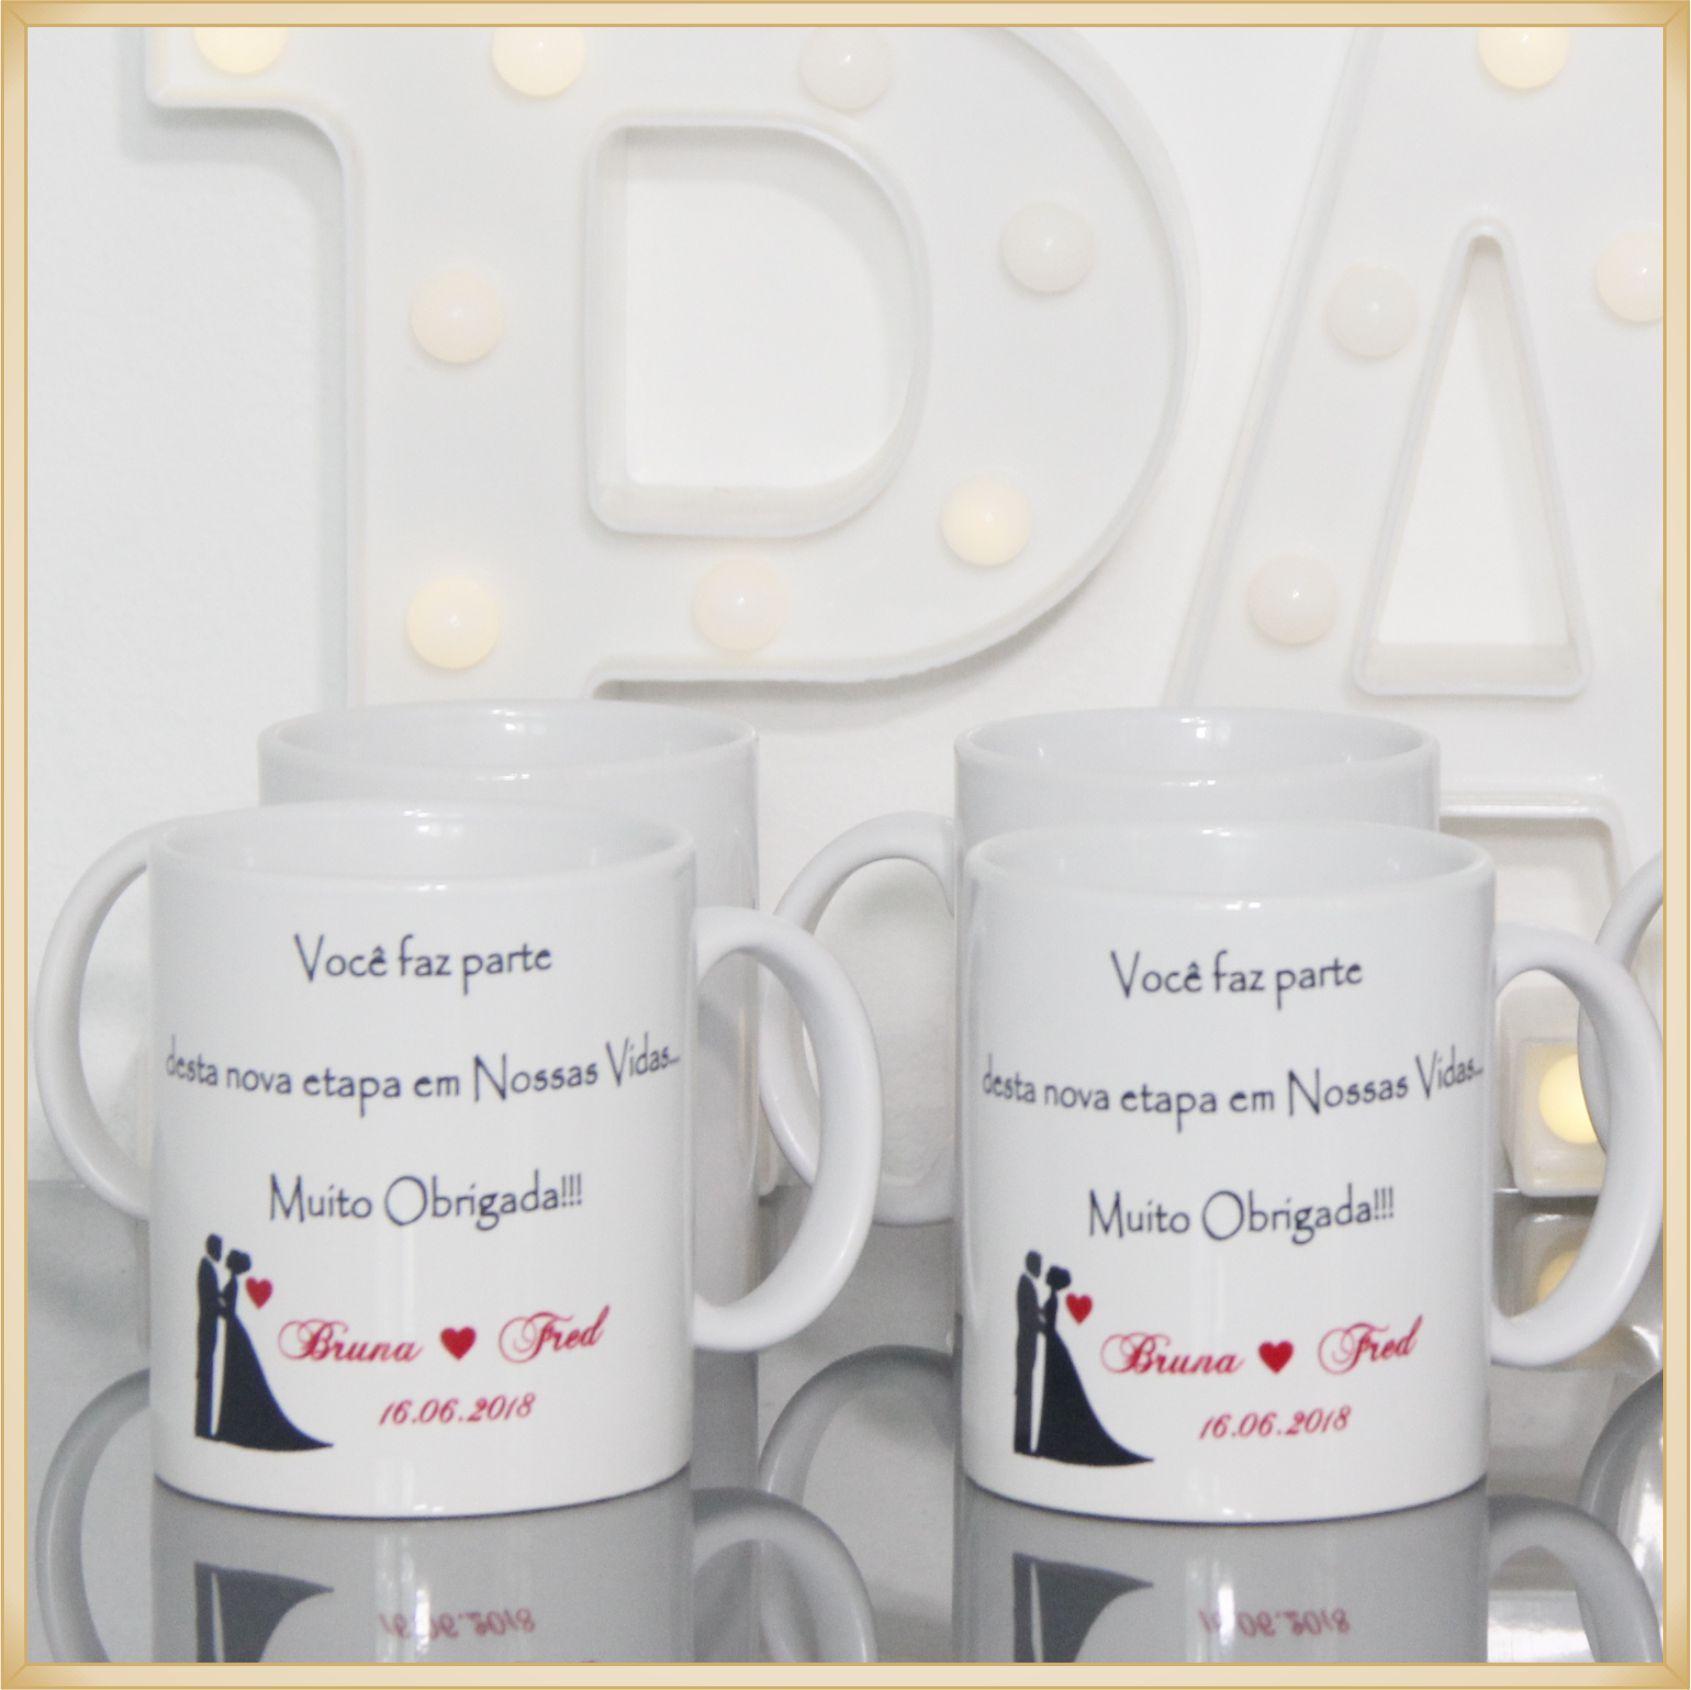 Canecas de porcelana personalizadas casamento padrinhos - alta qualidade, cores vivas, acabamento perfeito, alças confortáveis, 325 ml. - kit 20 unid.